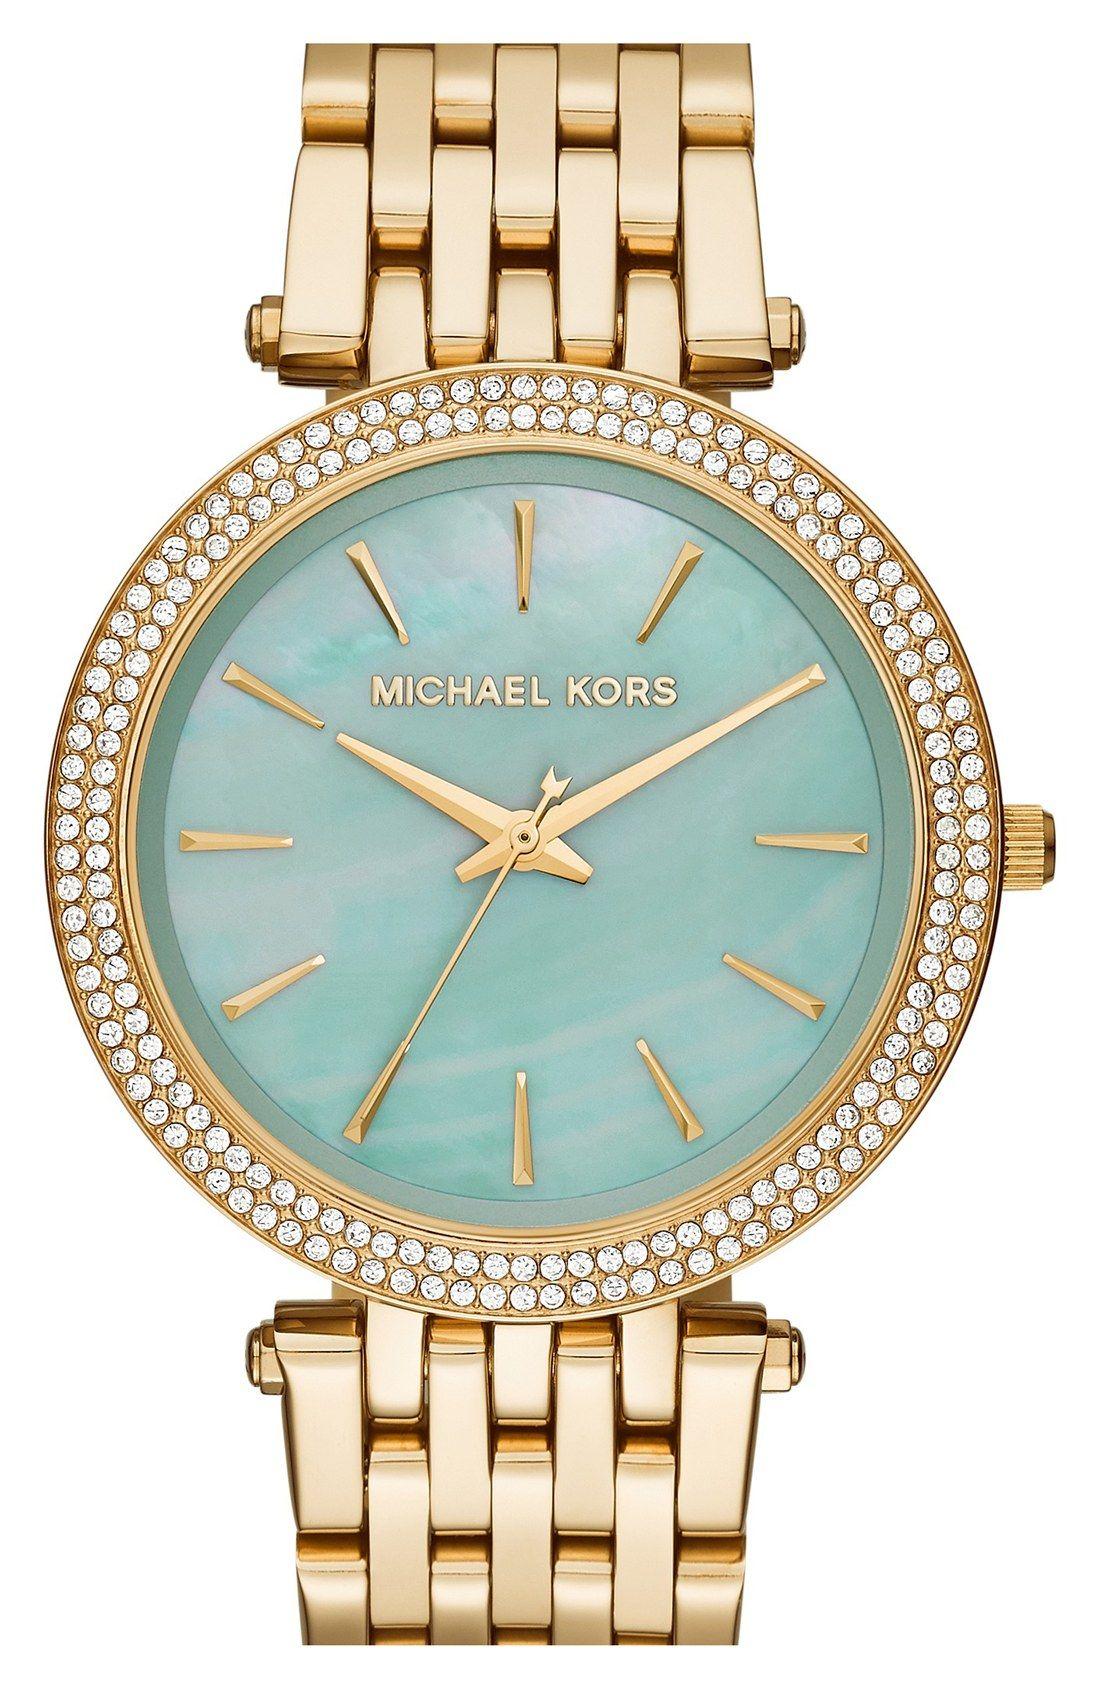 Michael Kors watch  95074e7e45d8